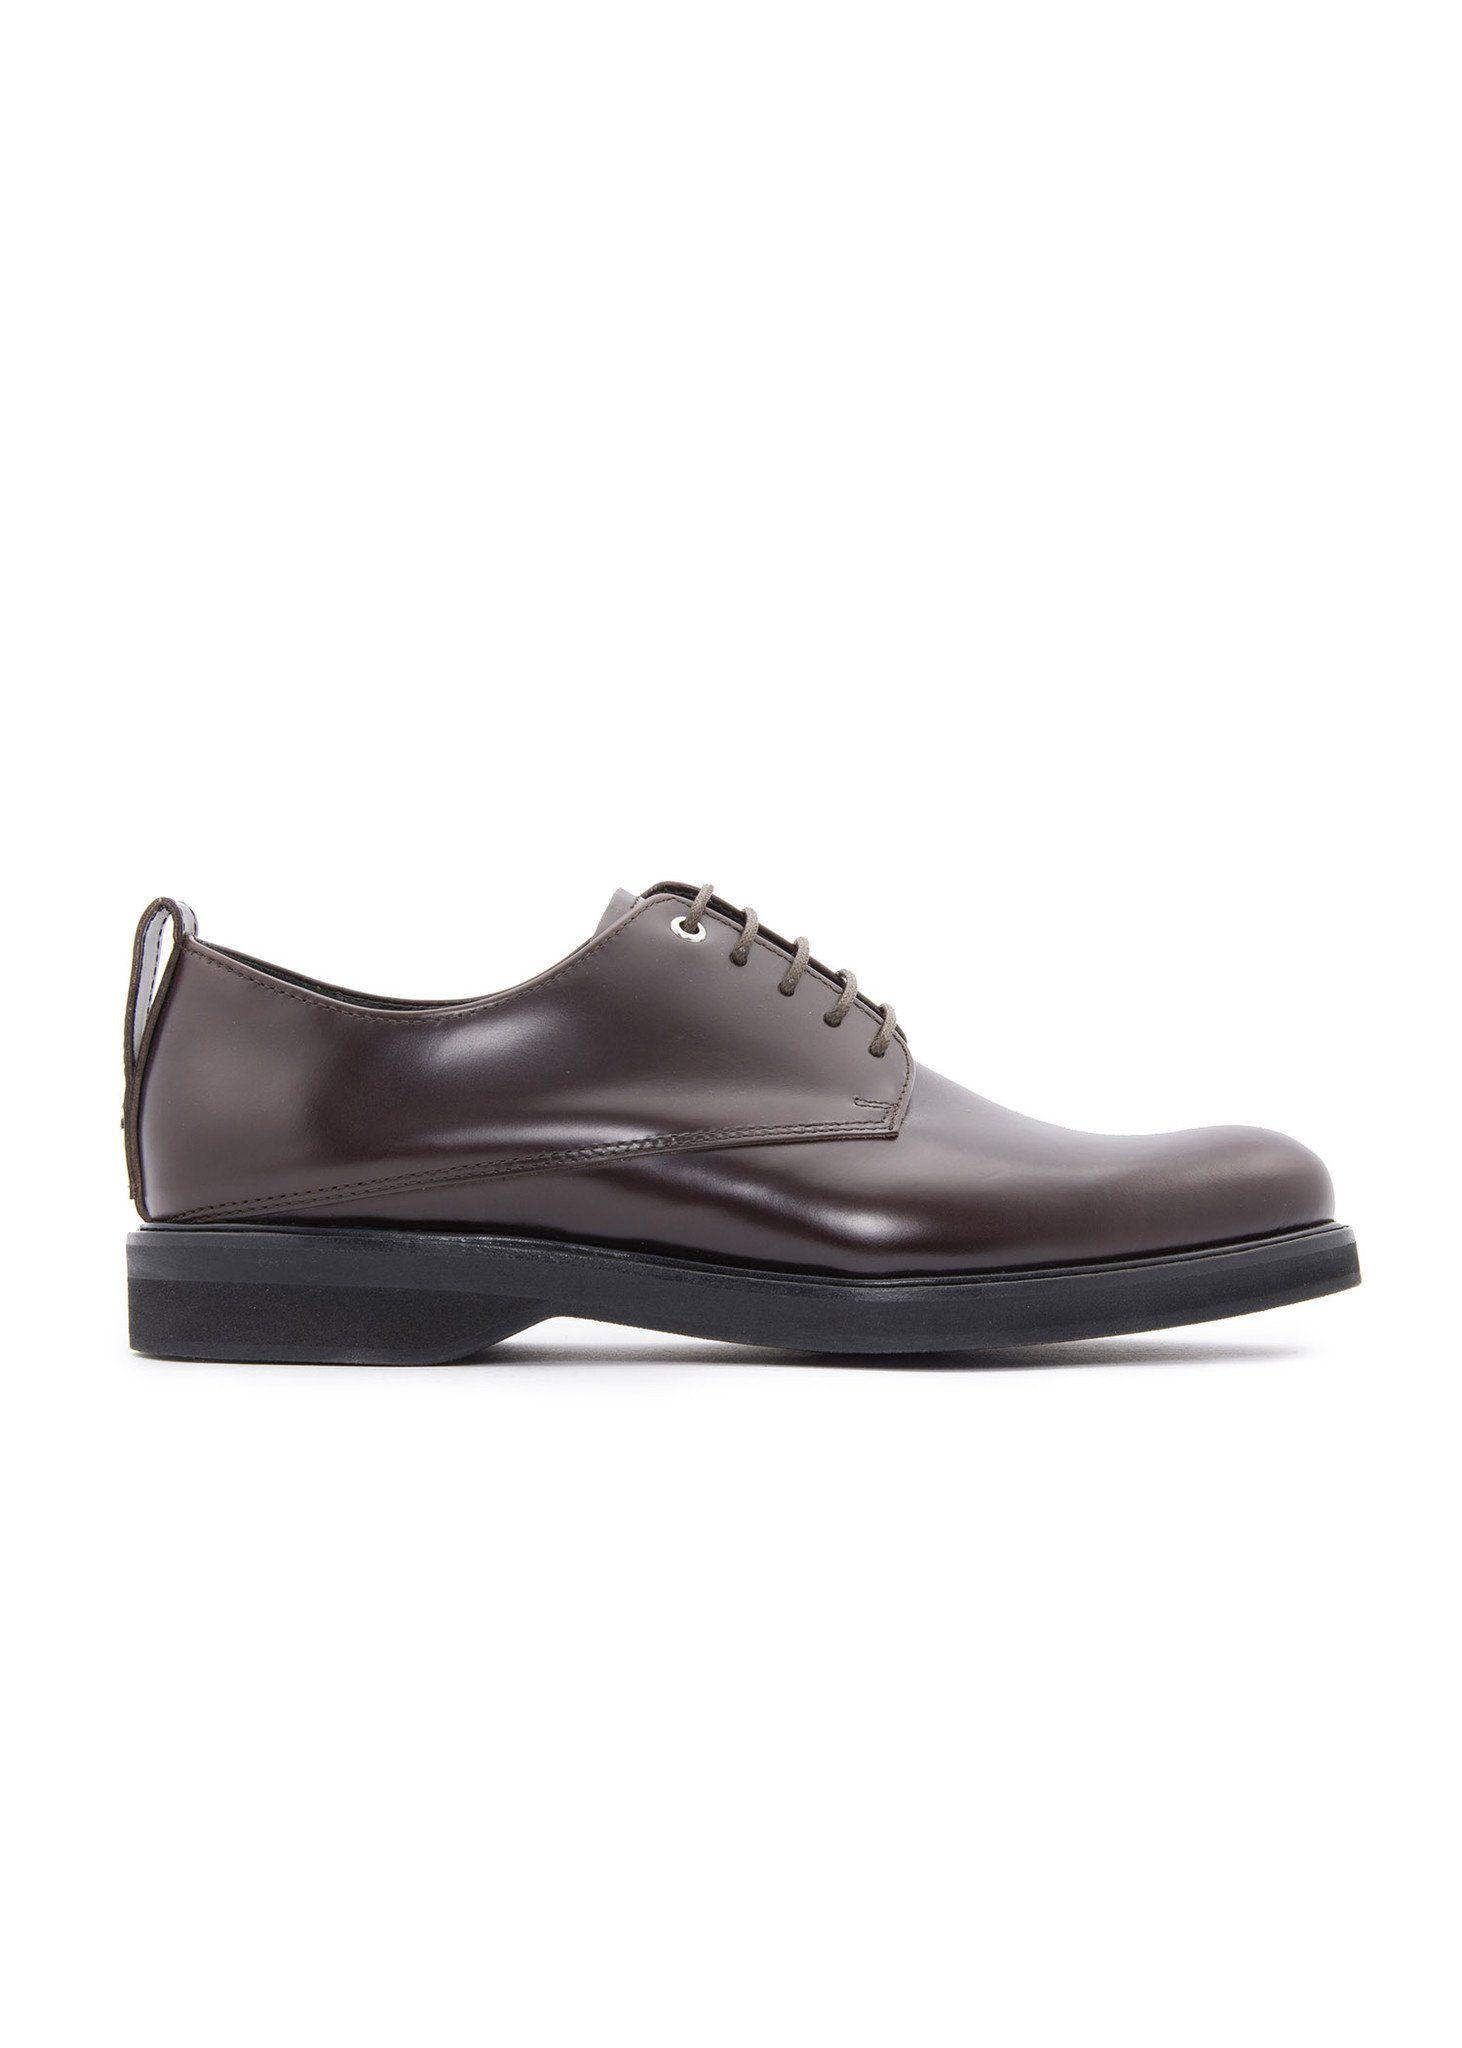 Want Les Essentiels De La Vie Derby Shoes - Brown cFnvFCpgr